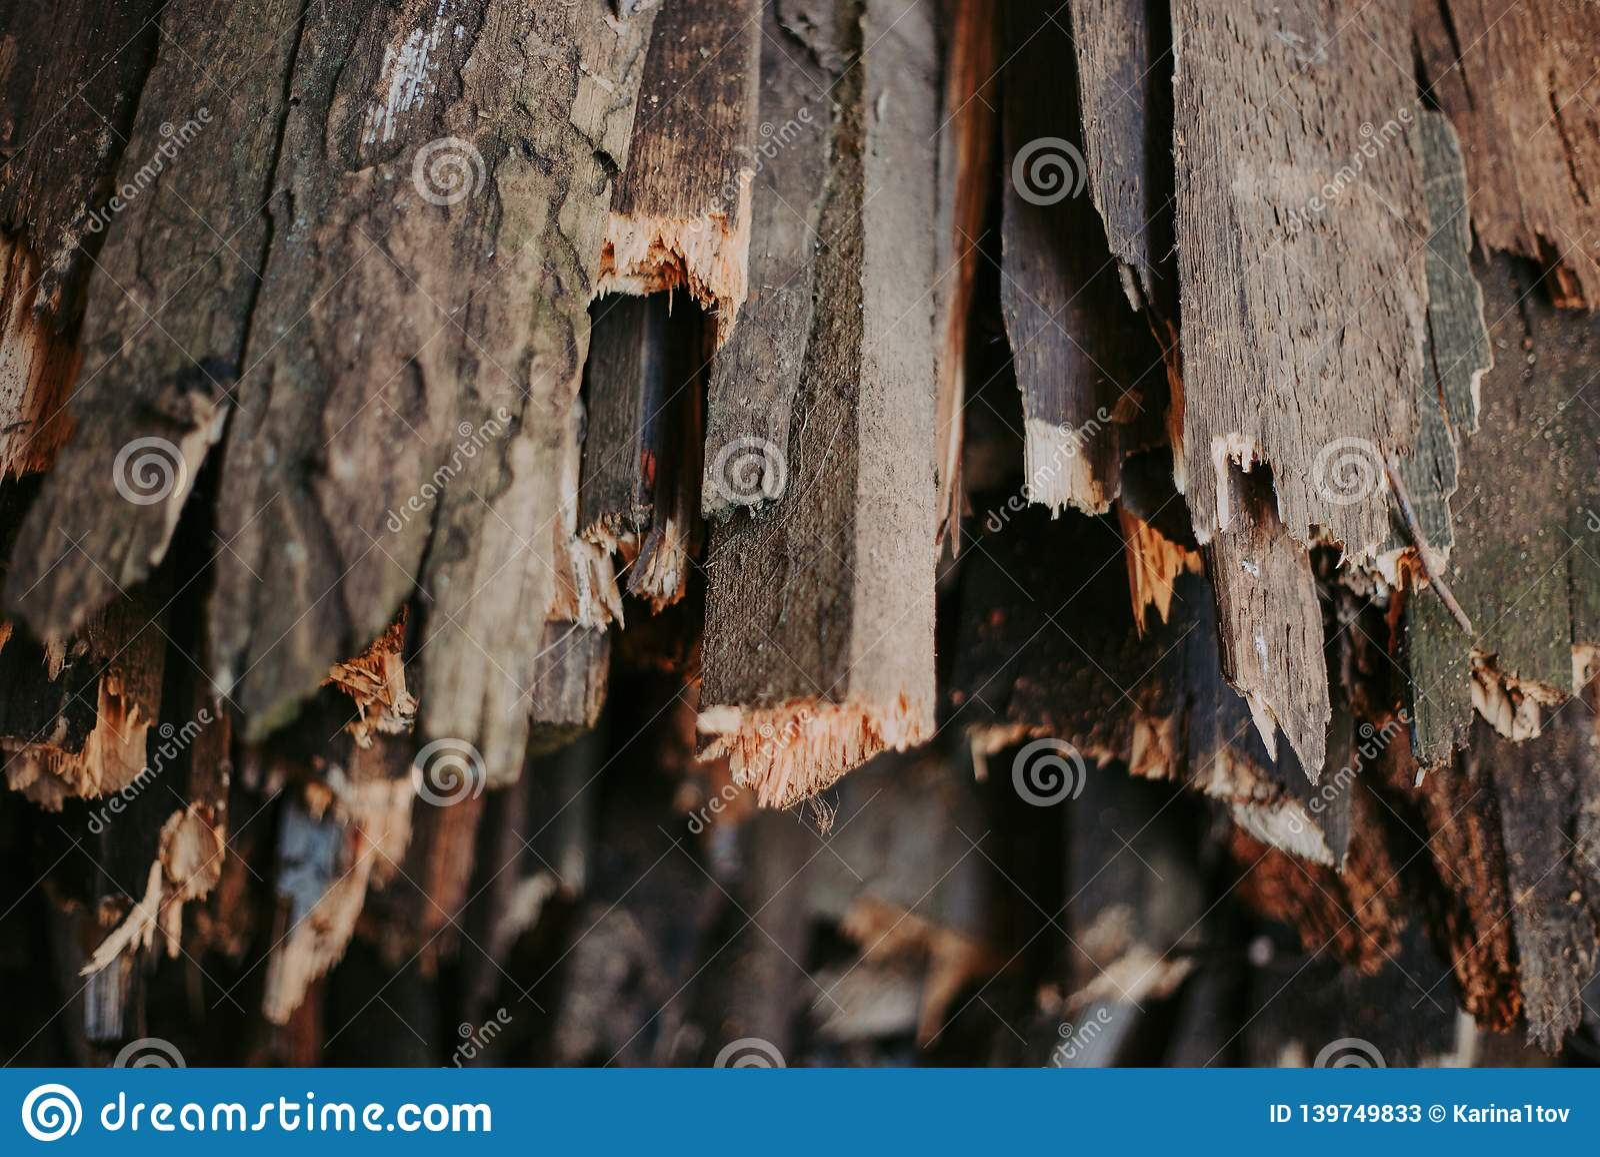 Vedträ för brand som staplas i en plan hög Väggvedträ